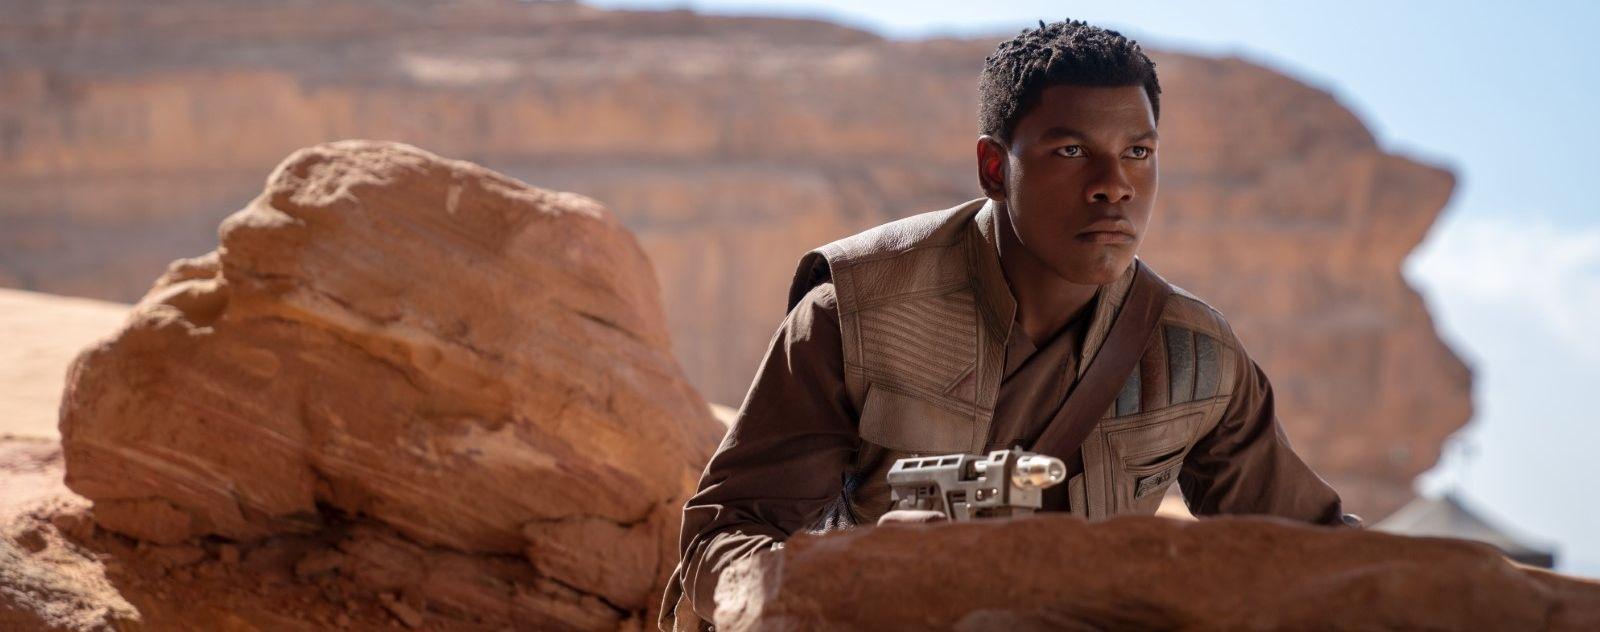 Star Wars 9 : John Boyega défend le film de J. J. Abrams